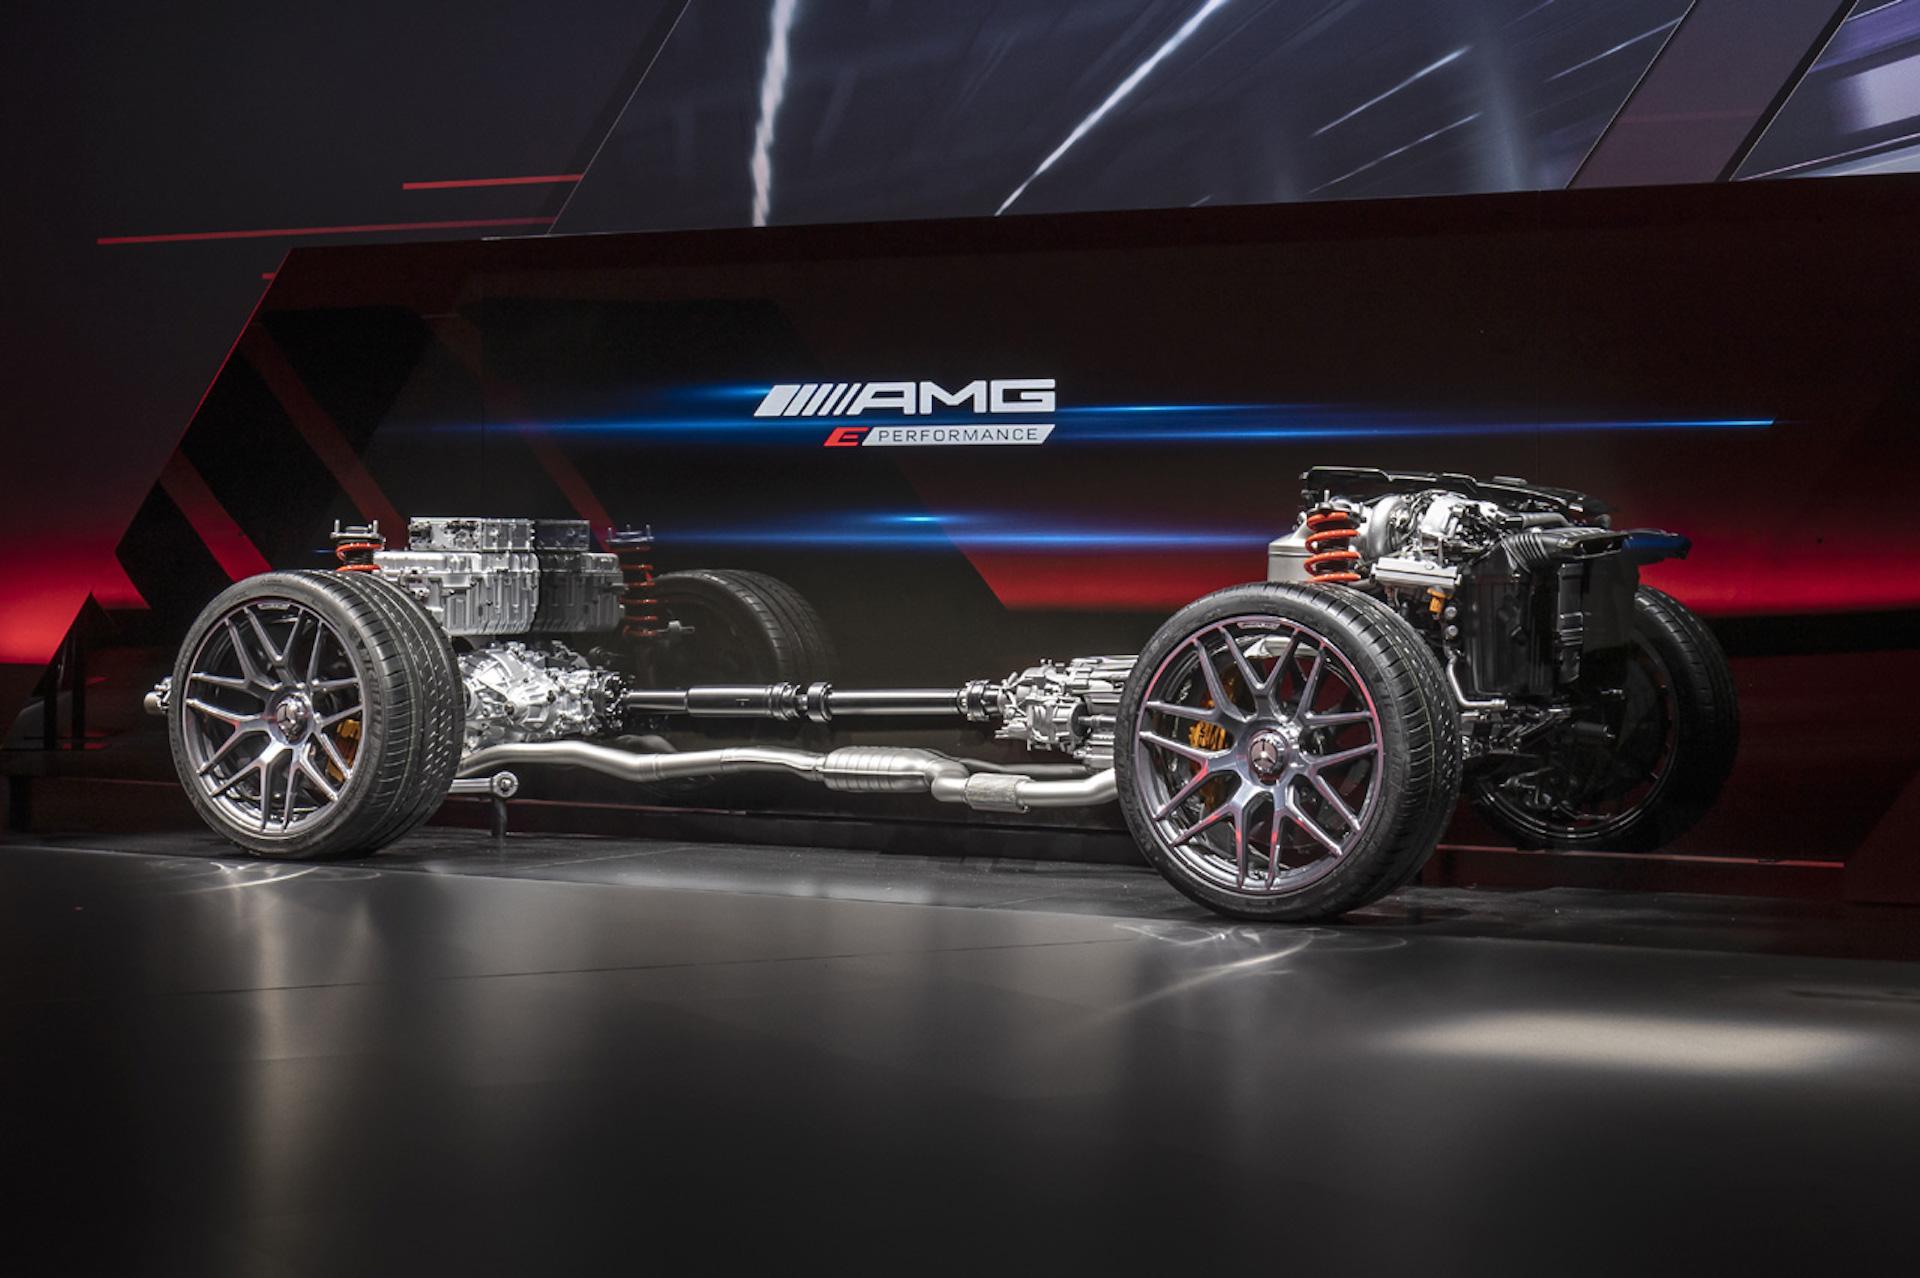 Mercedes Amg Cuatro Cilindros Hibrido 1